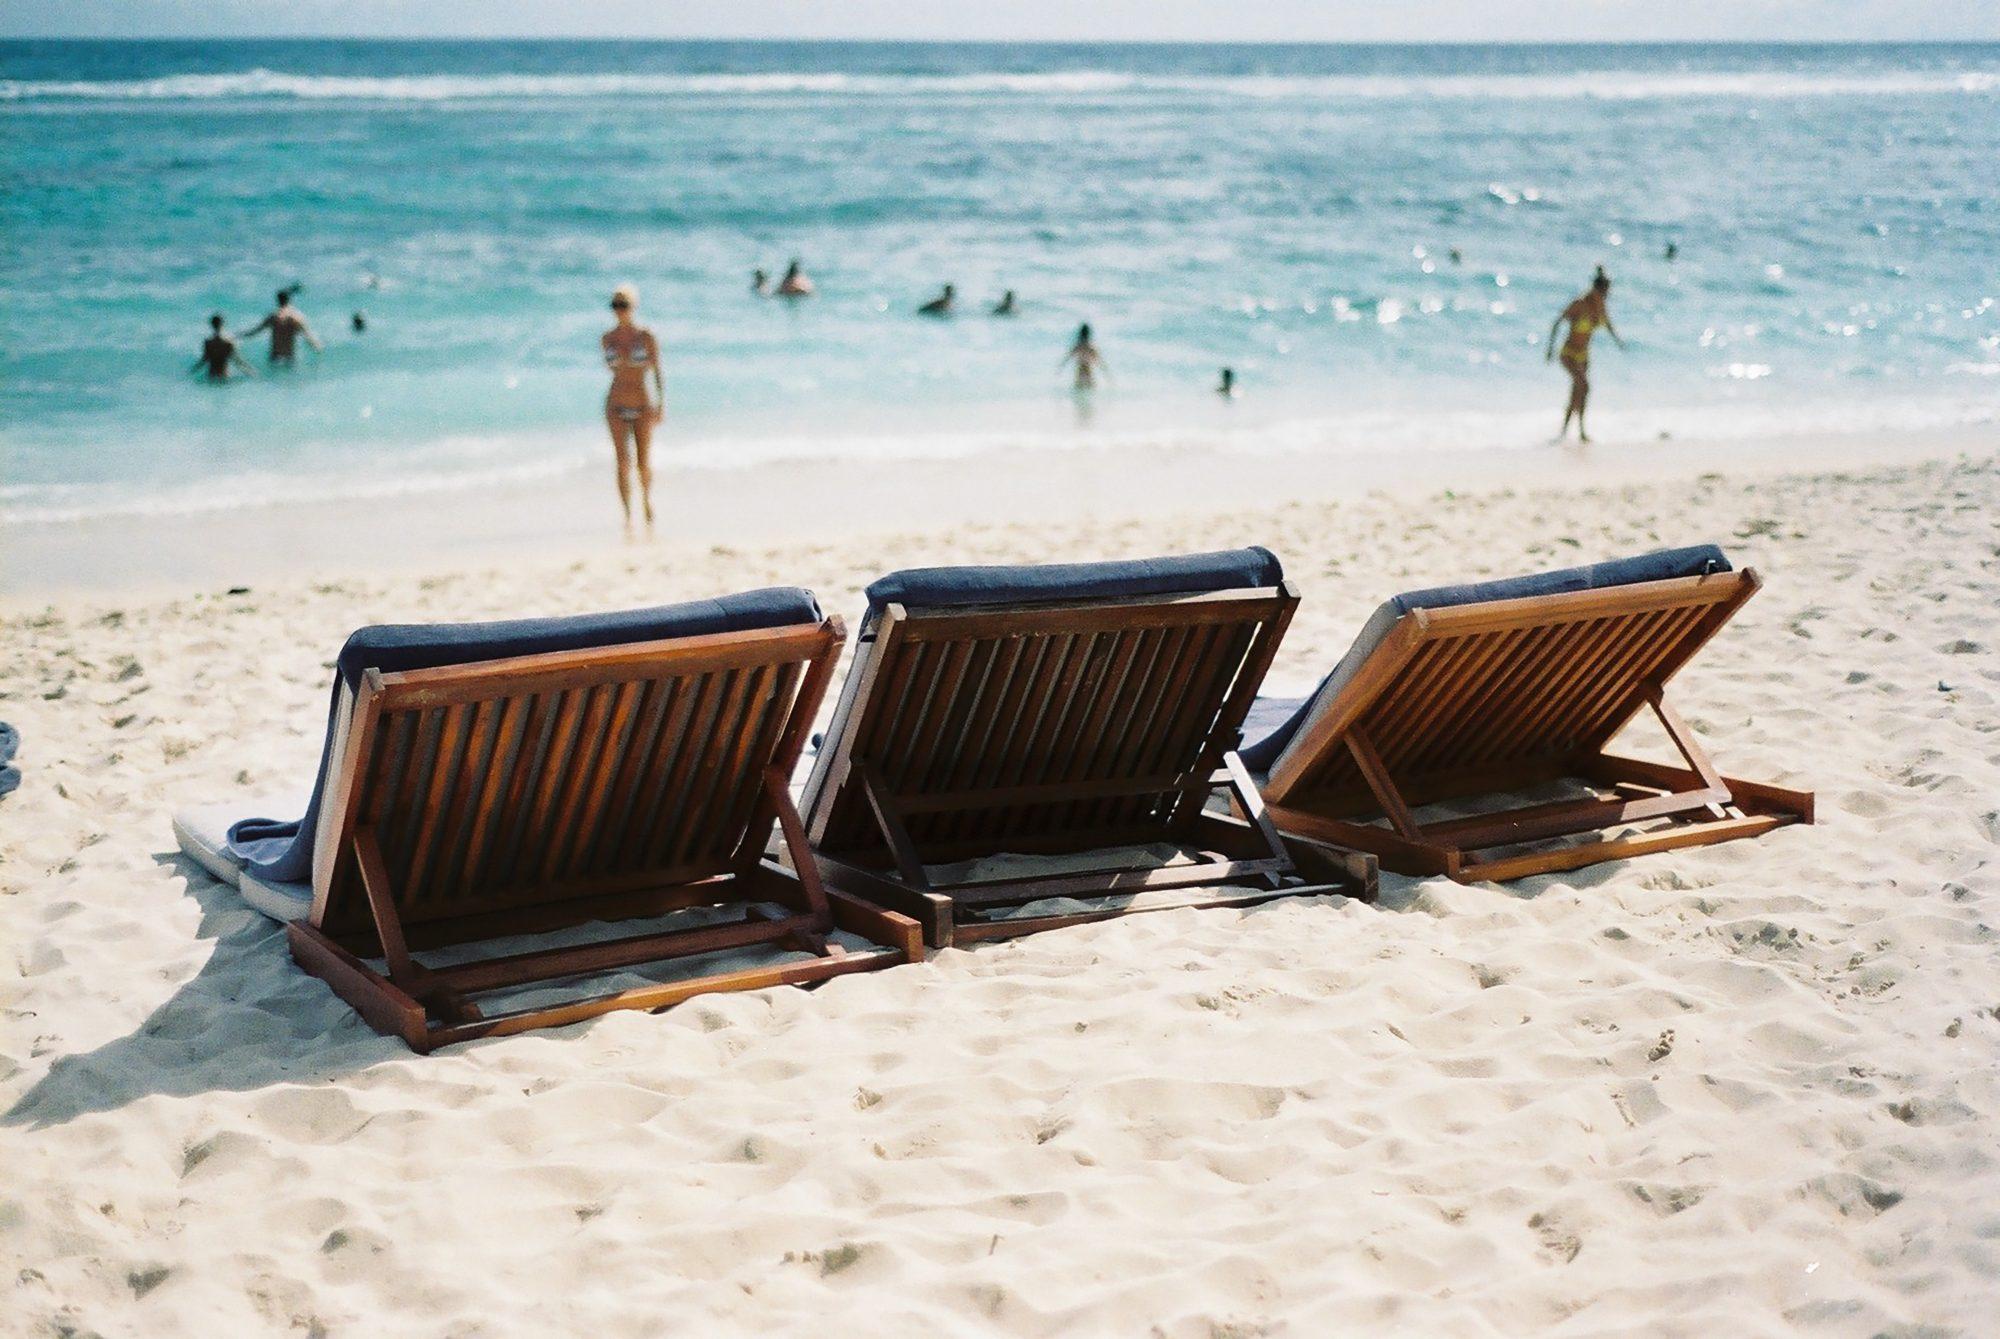 Three deck chairs on a beach